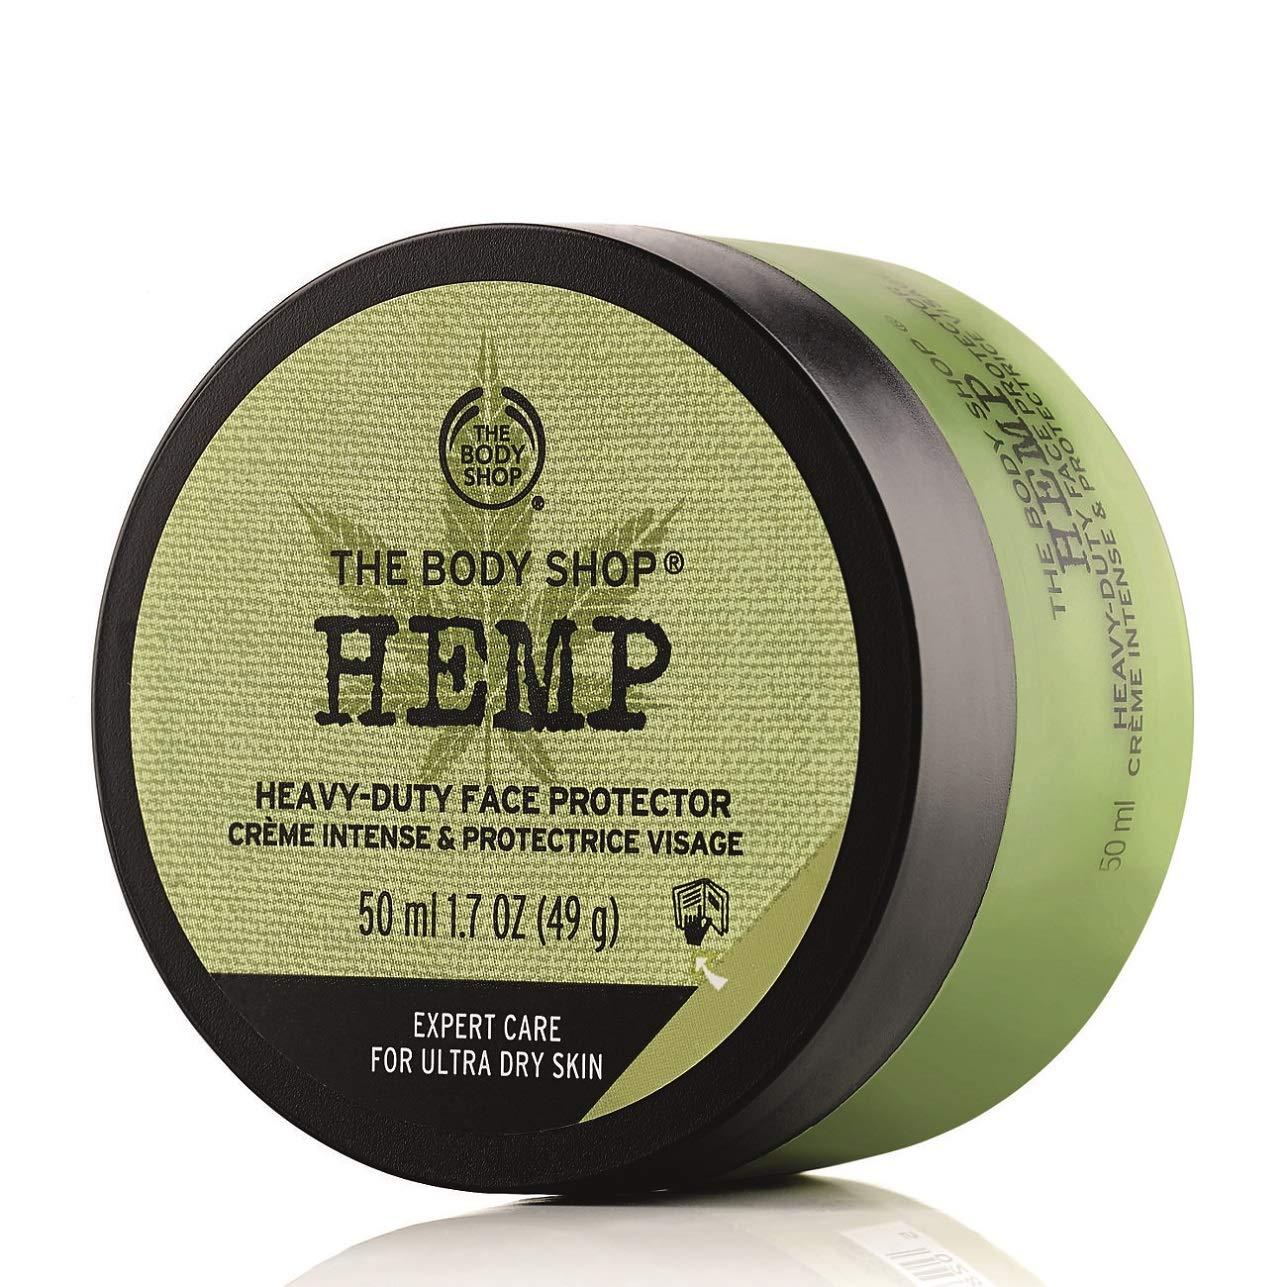 The Body Shop, Hemp Face Protector ParabenFree Face Cream Oz, 1.7 Ounce